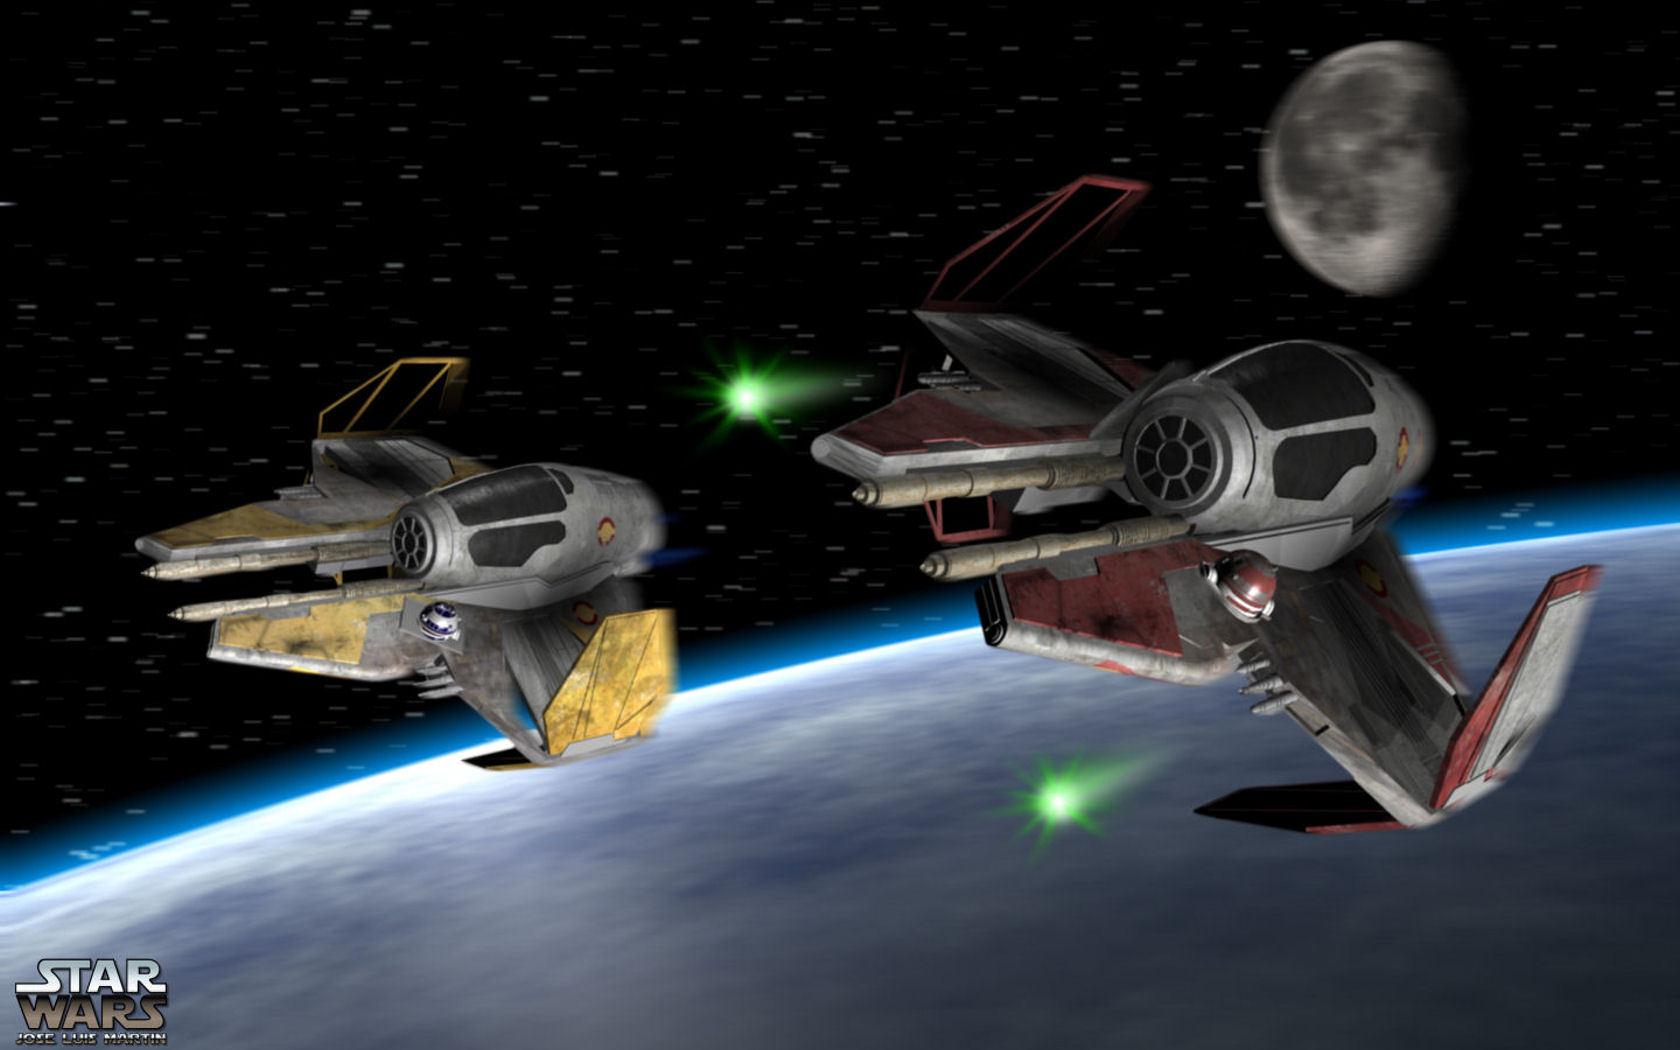 Jedi Fighters star wars 15486193 1680 1050